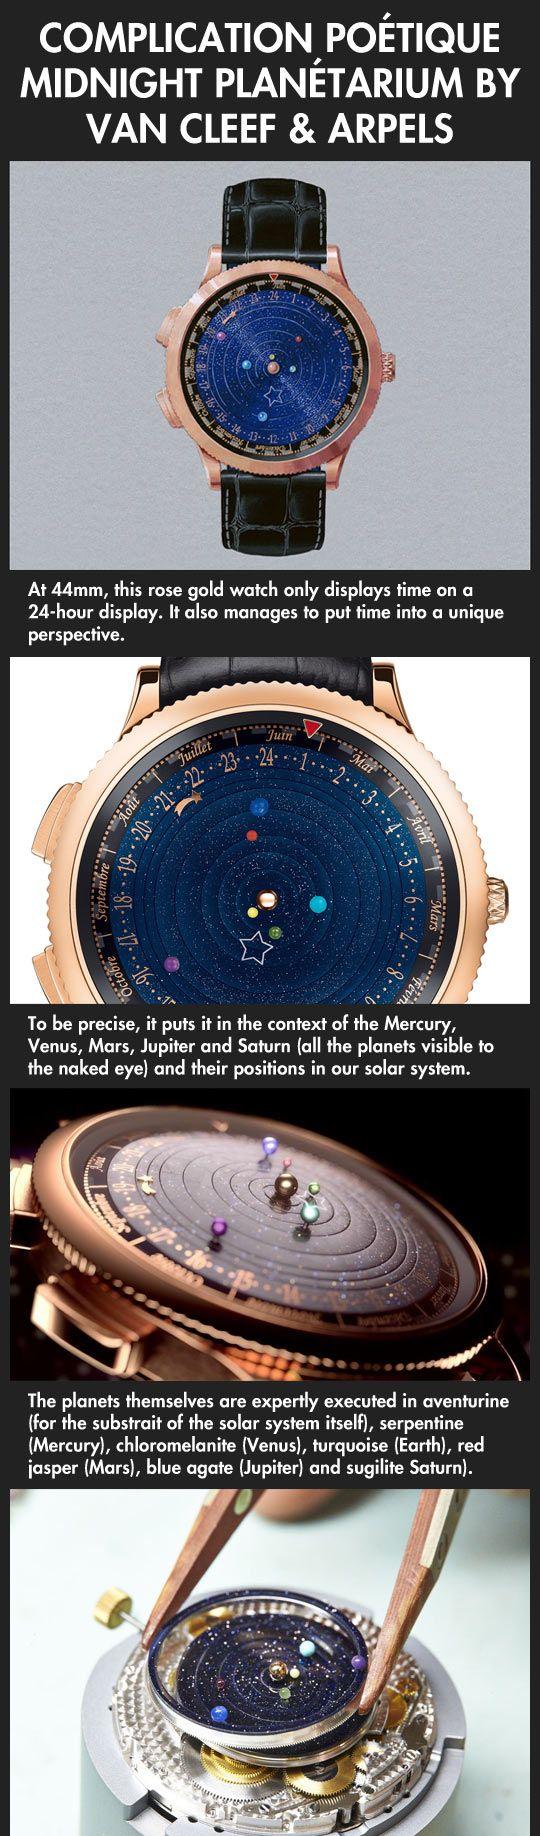 Van Cleef & Arpels midnight planetarium | Watches ...